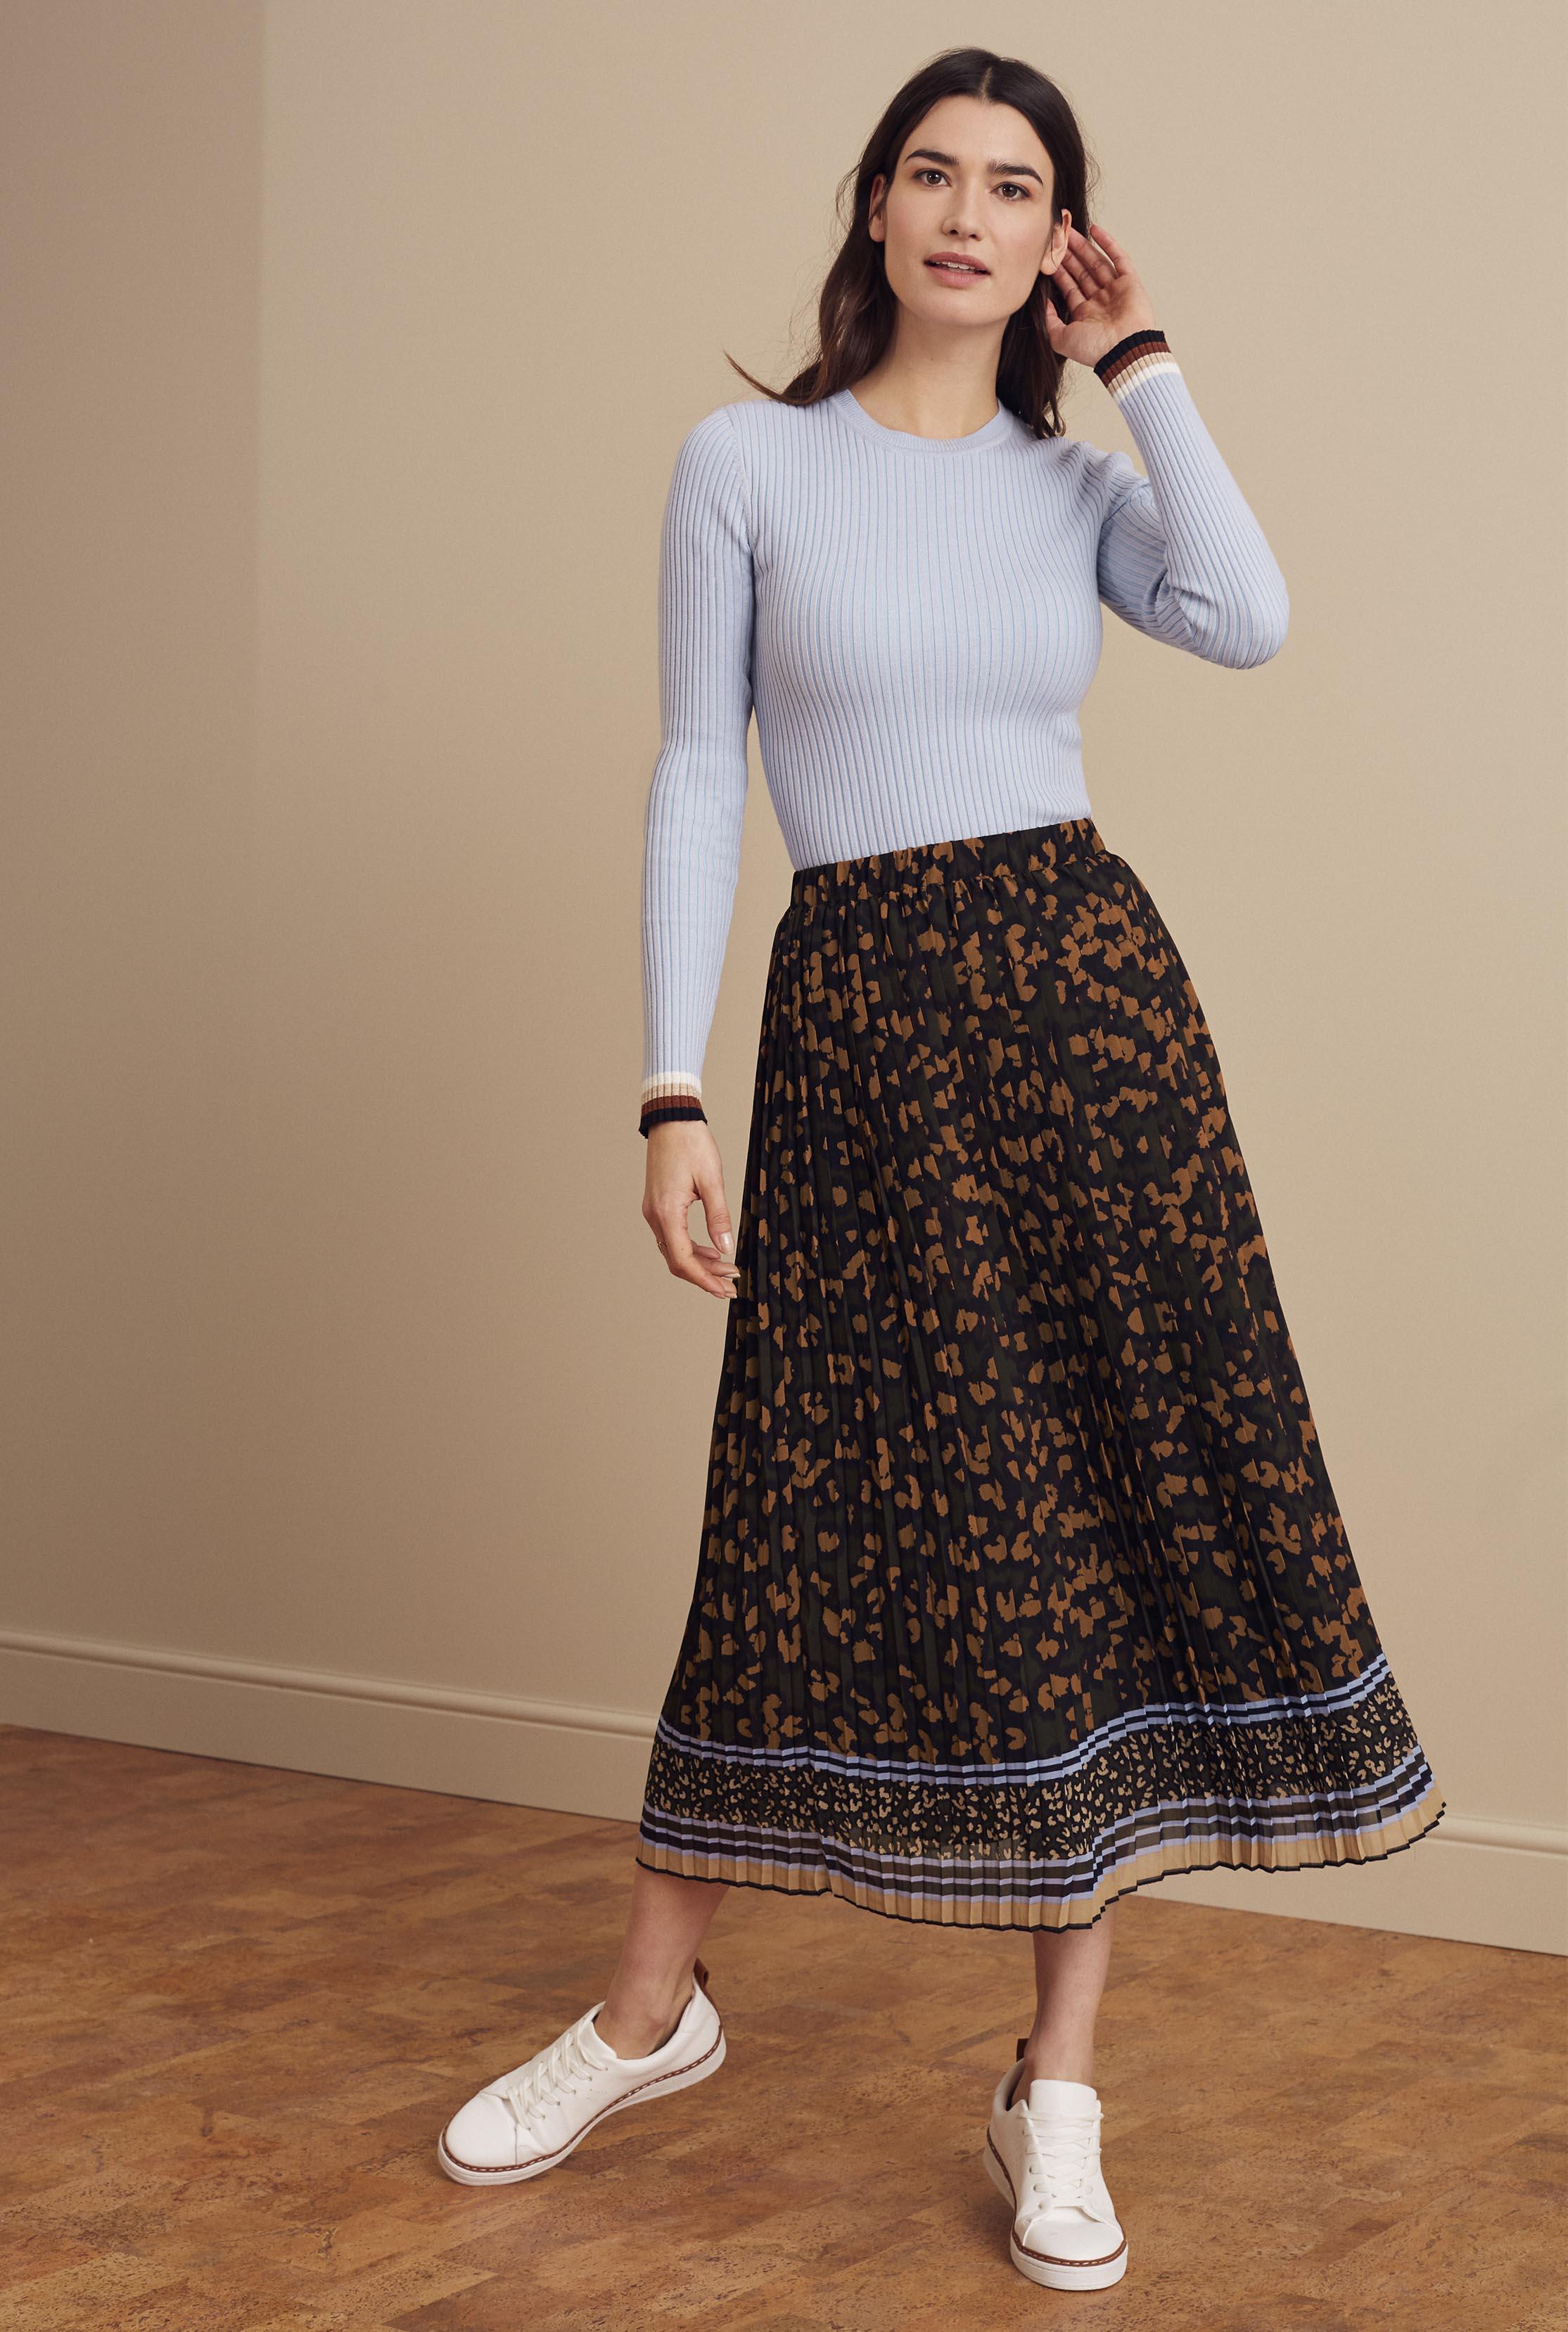 Black Animal Print Pleated Skirt